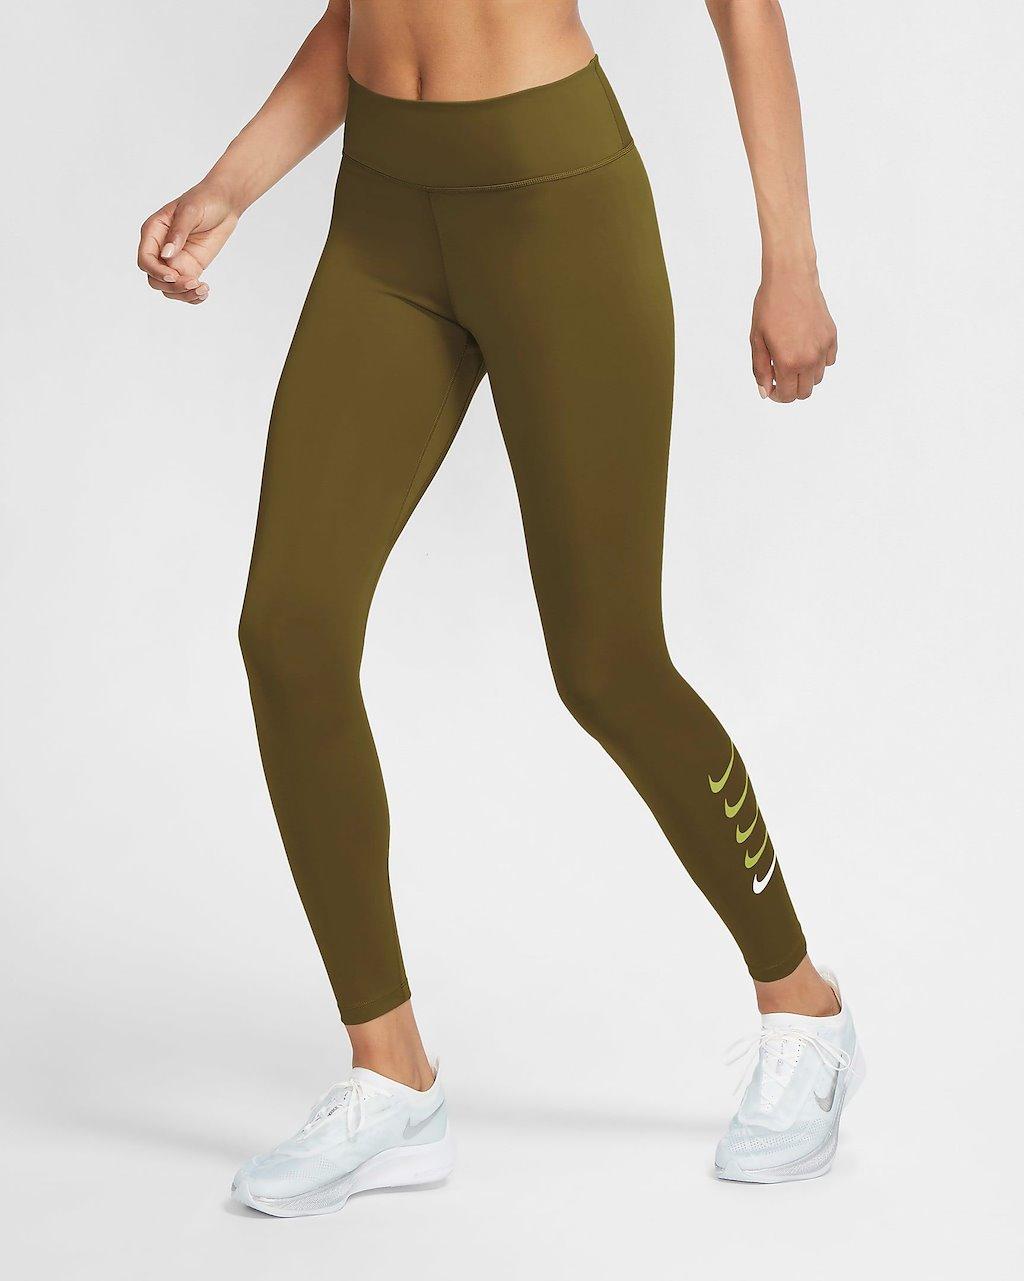 Nike Swoosh Run Women's 7/8 Running